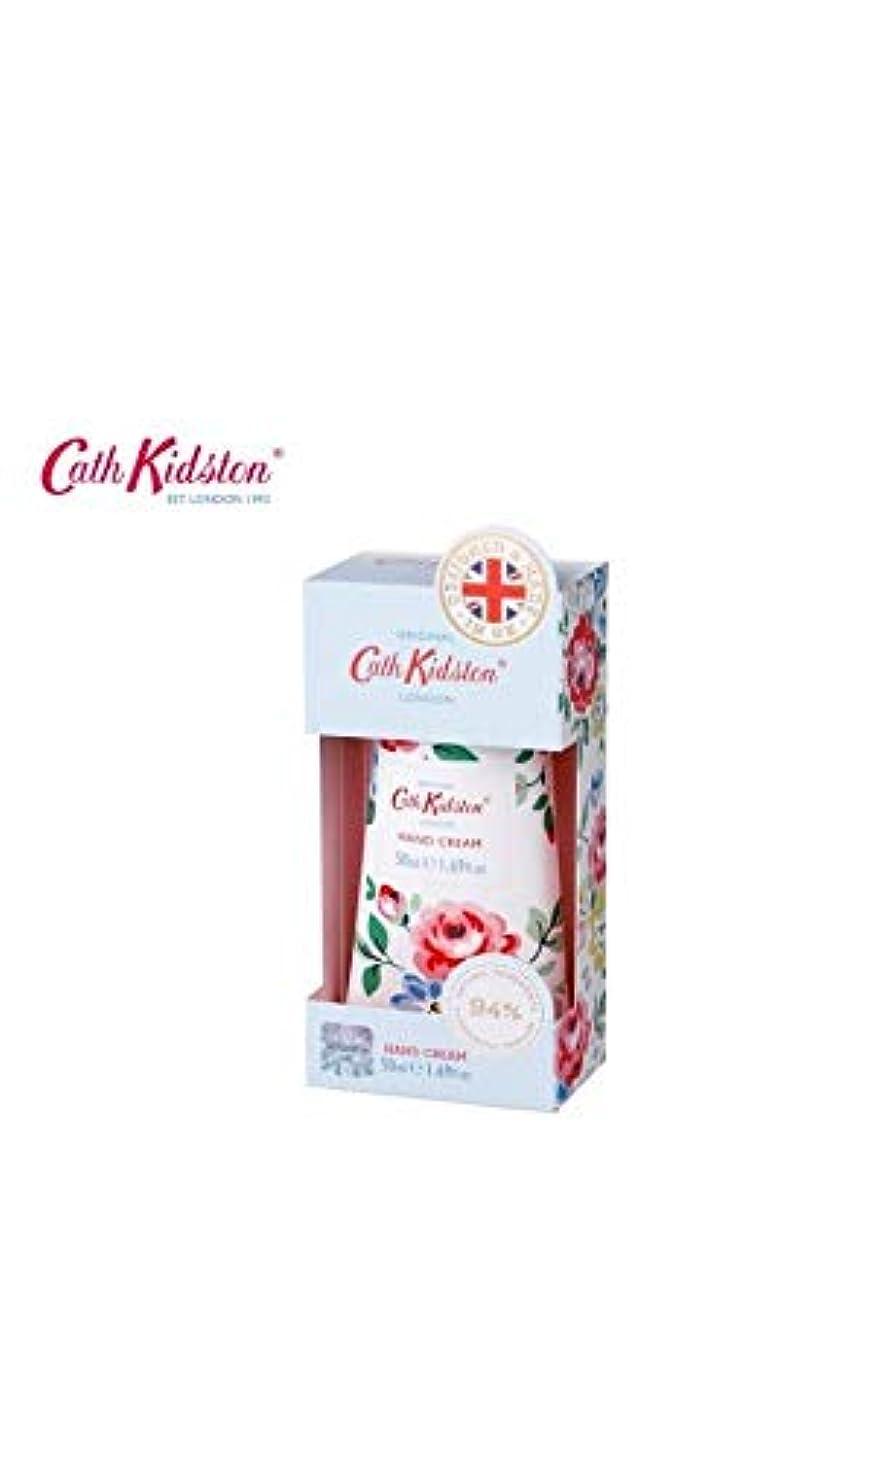 村嫌がらせ勘違いするキャスキッドソン(Cath Kidston)☆ハンドクリーム50mlワイルドローズ&クインス(Wildrose&Quince)[並行輸入品]